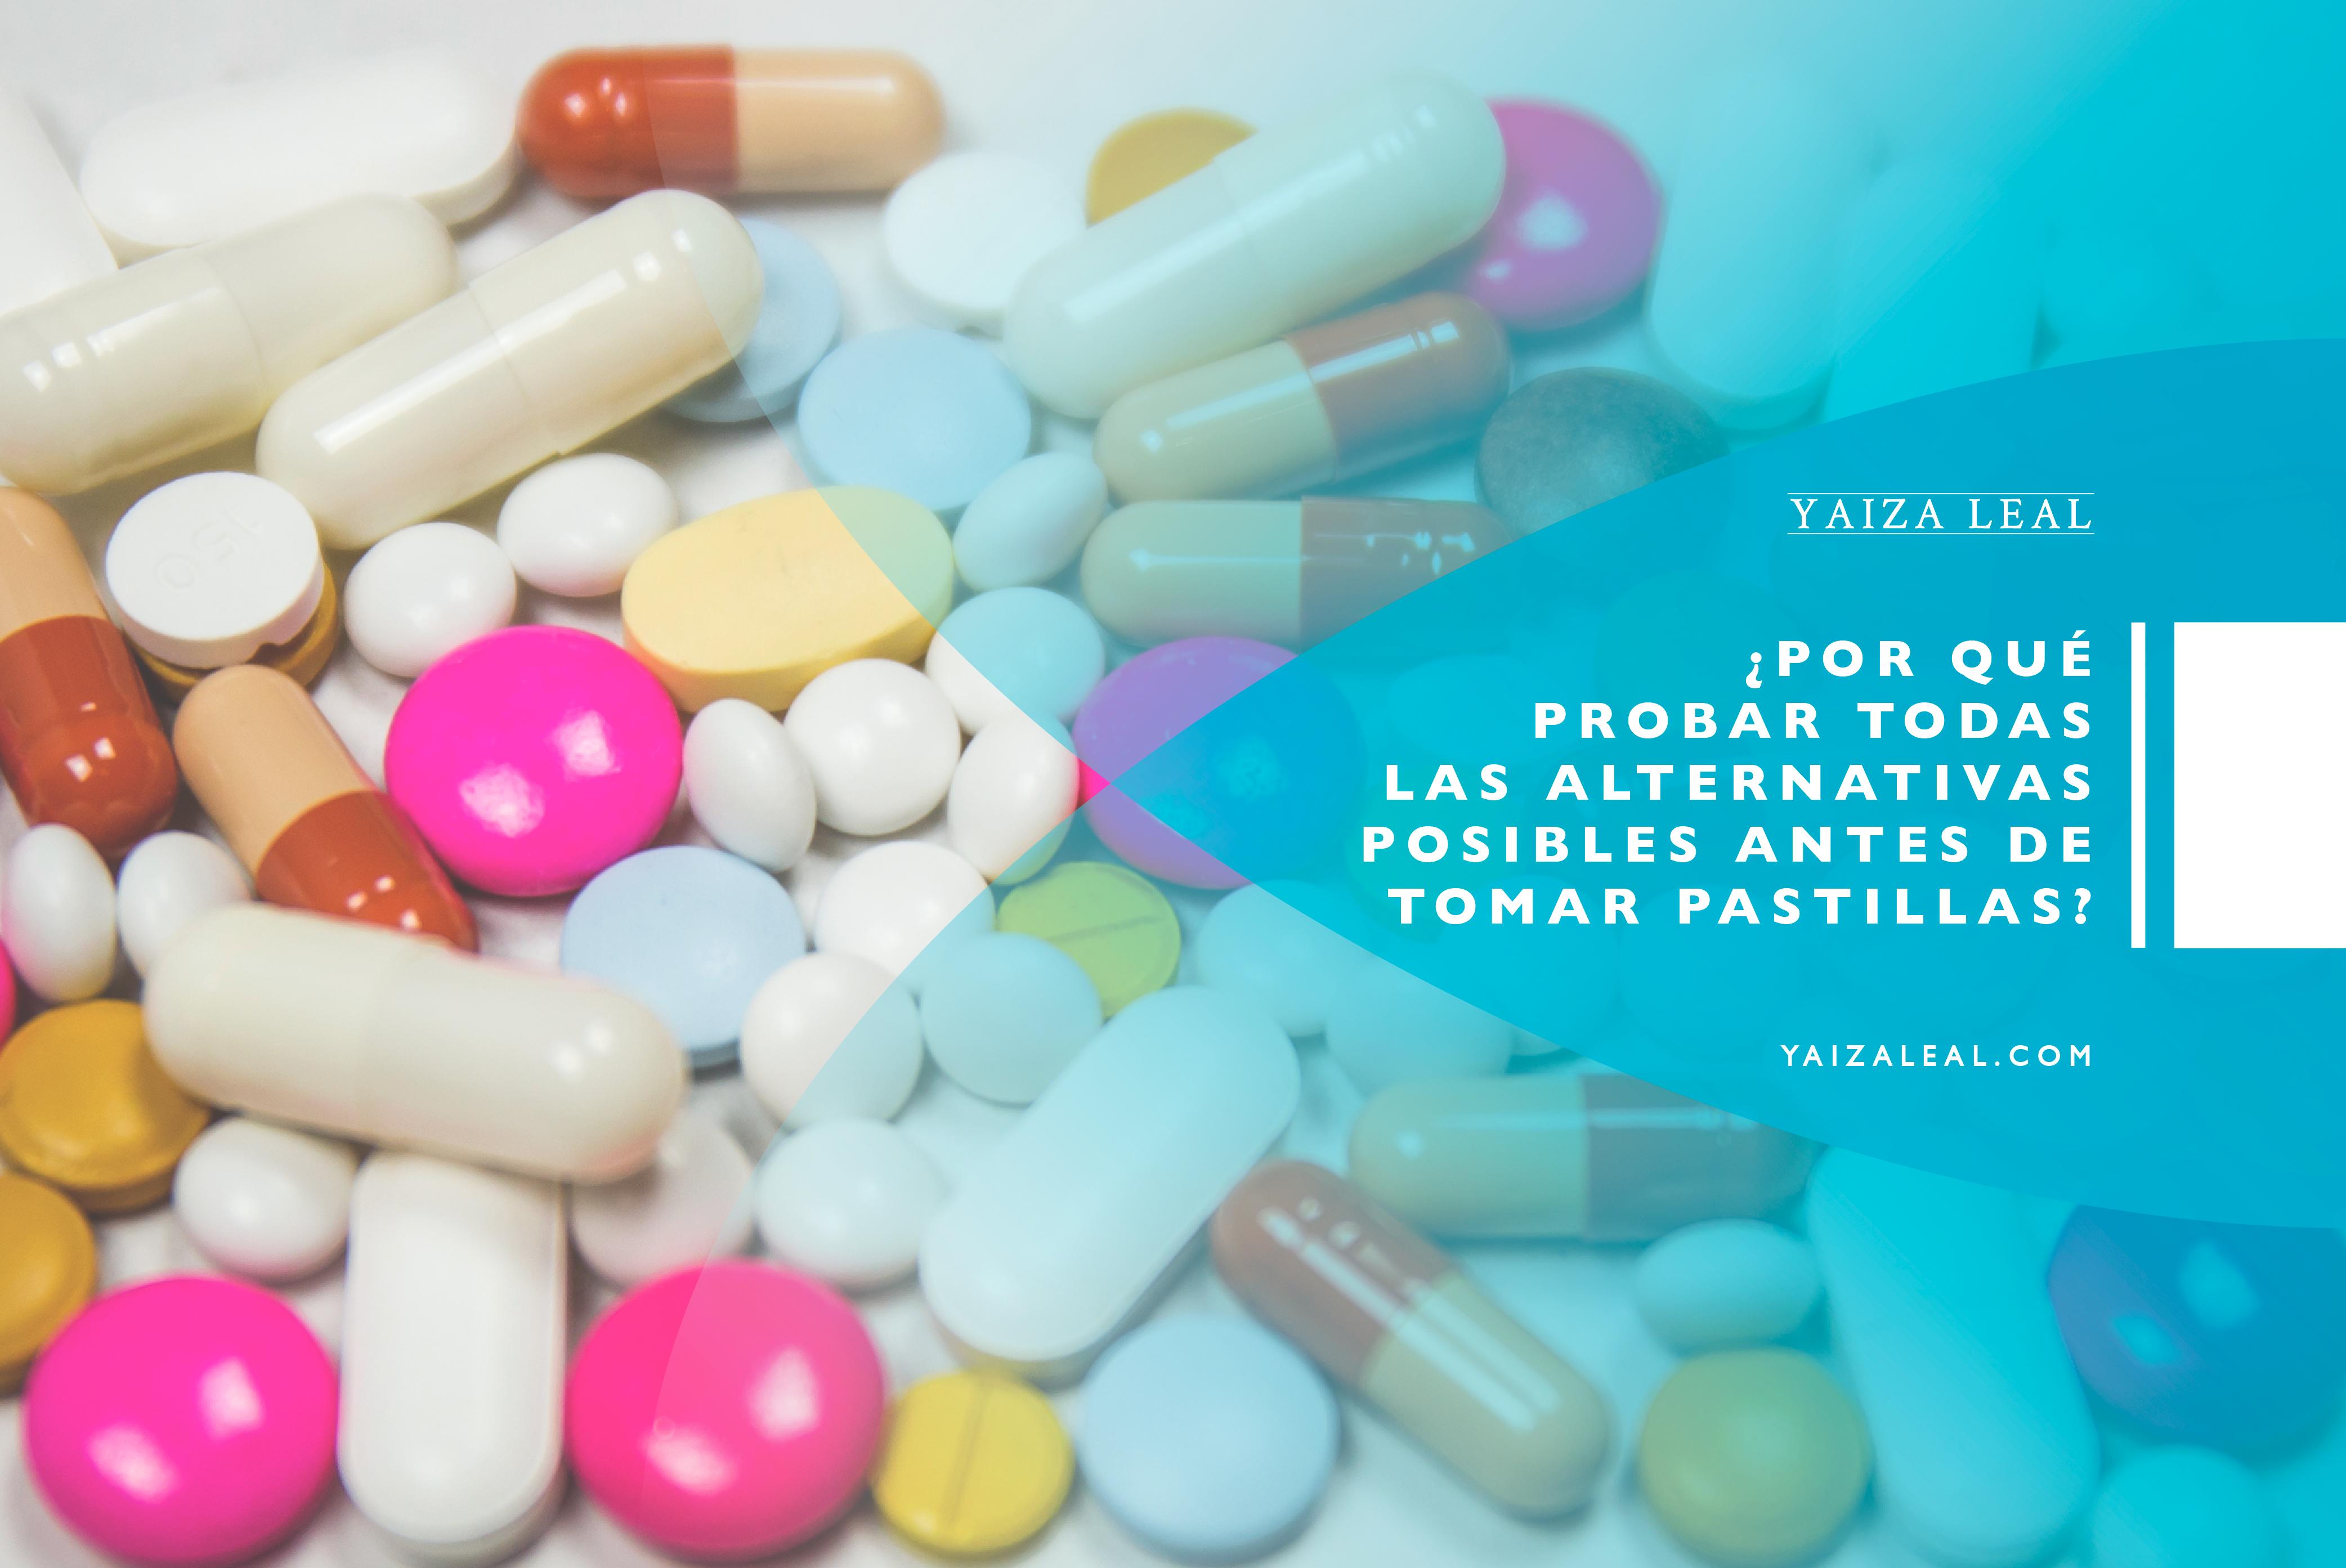 Porqué probar todas las alternativas posibles antes de tomar pastillas